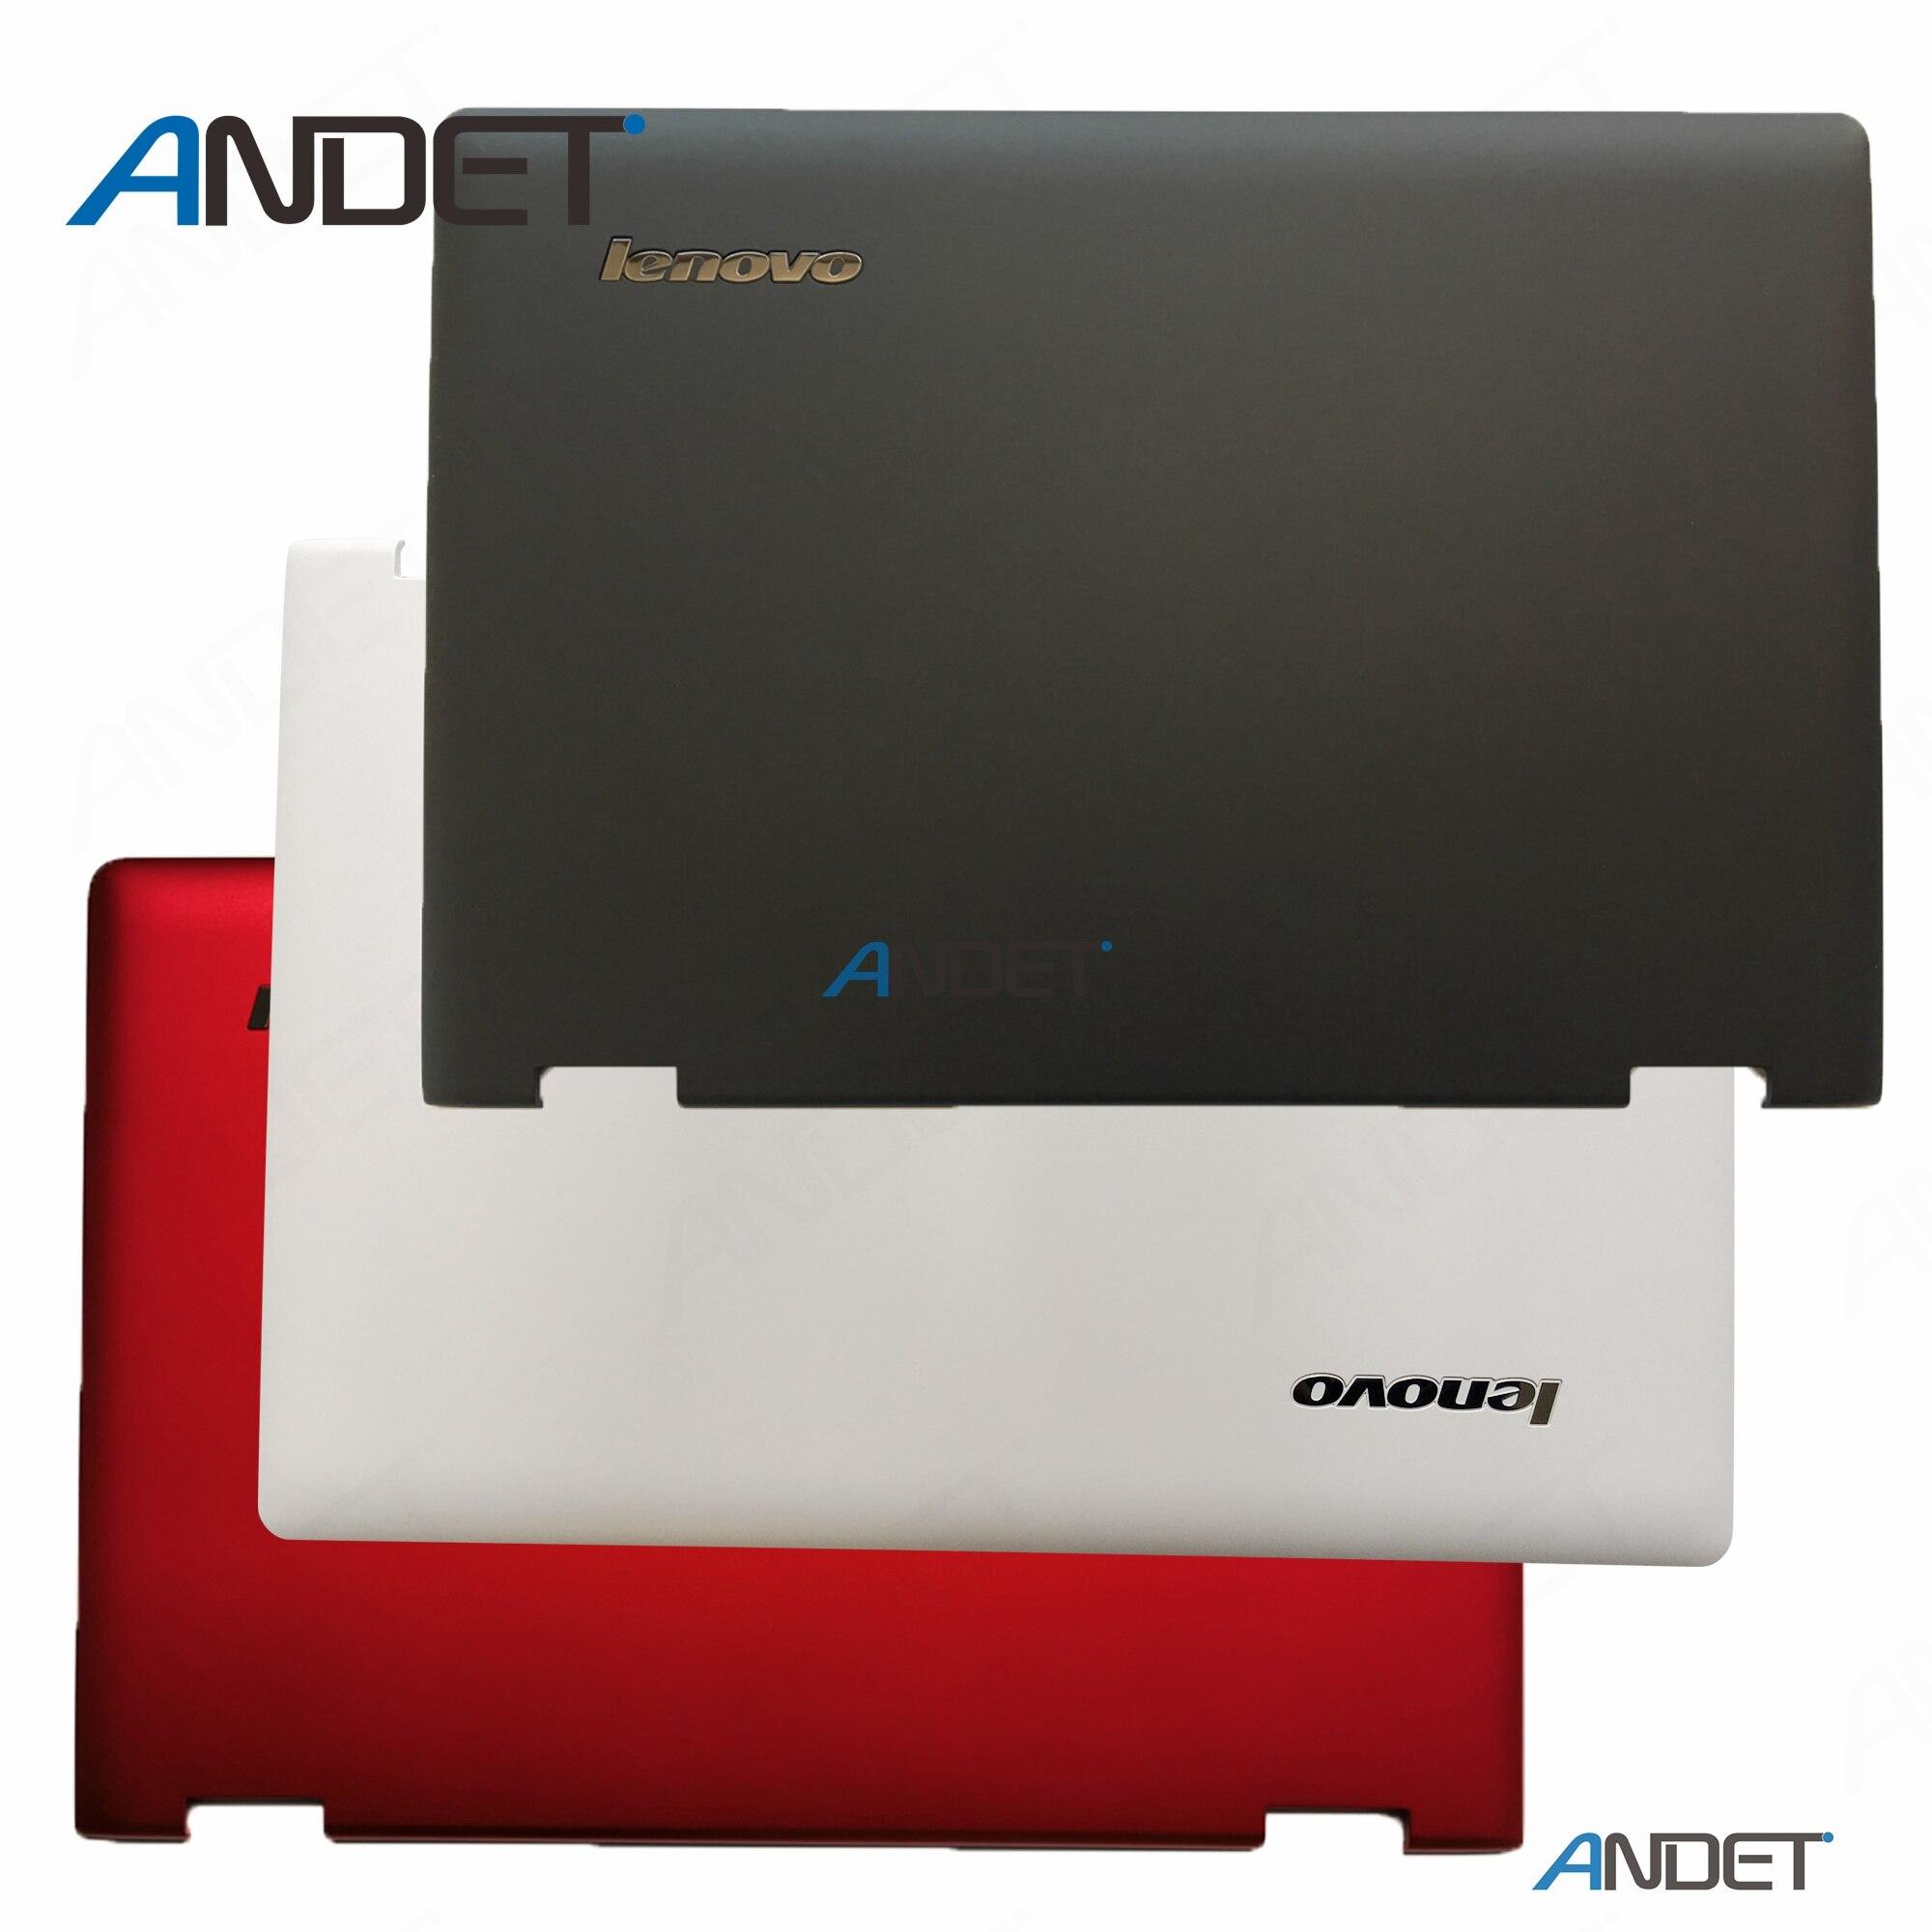 New Orig For Lenovo Flex 3 14 3-14 1470 1480 Yoga 500-14 LCD Back Cover Black Red White 46003R020002 46003R080002 46003R090002